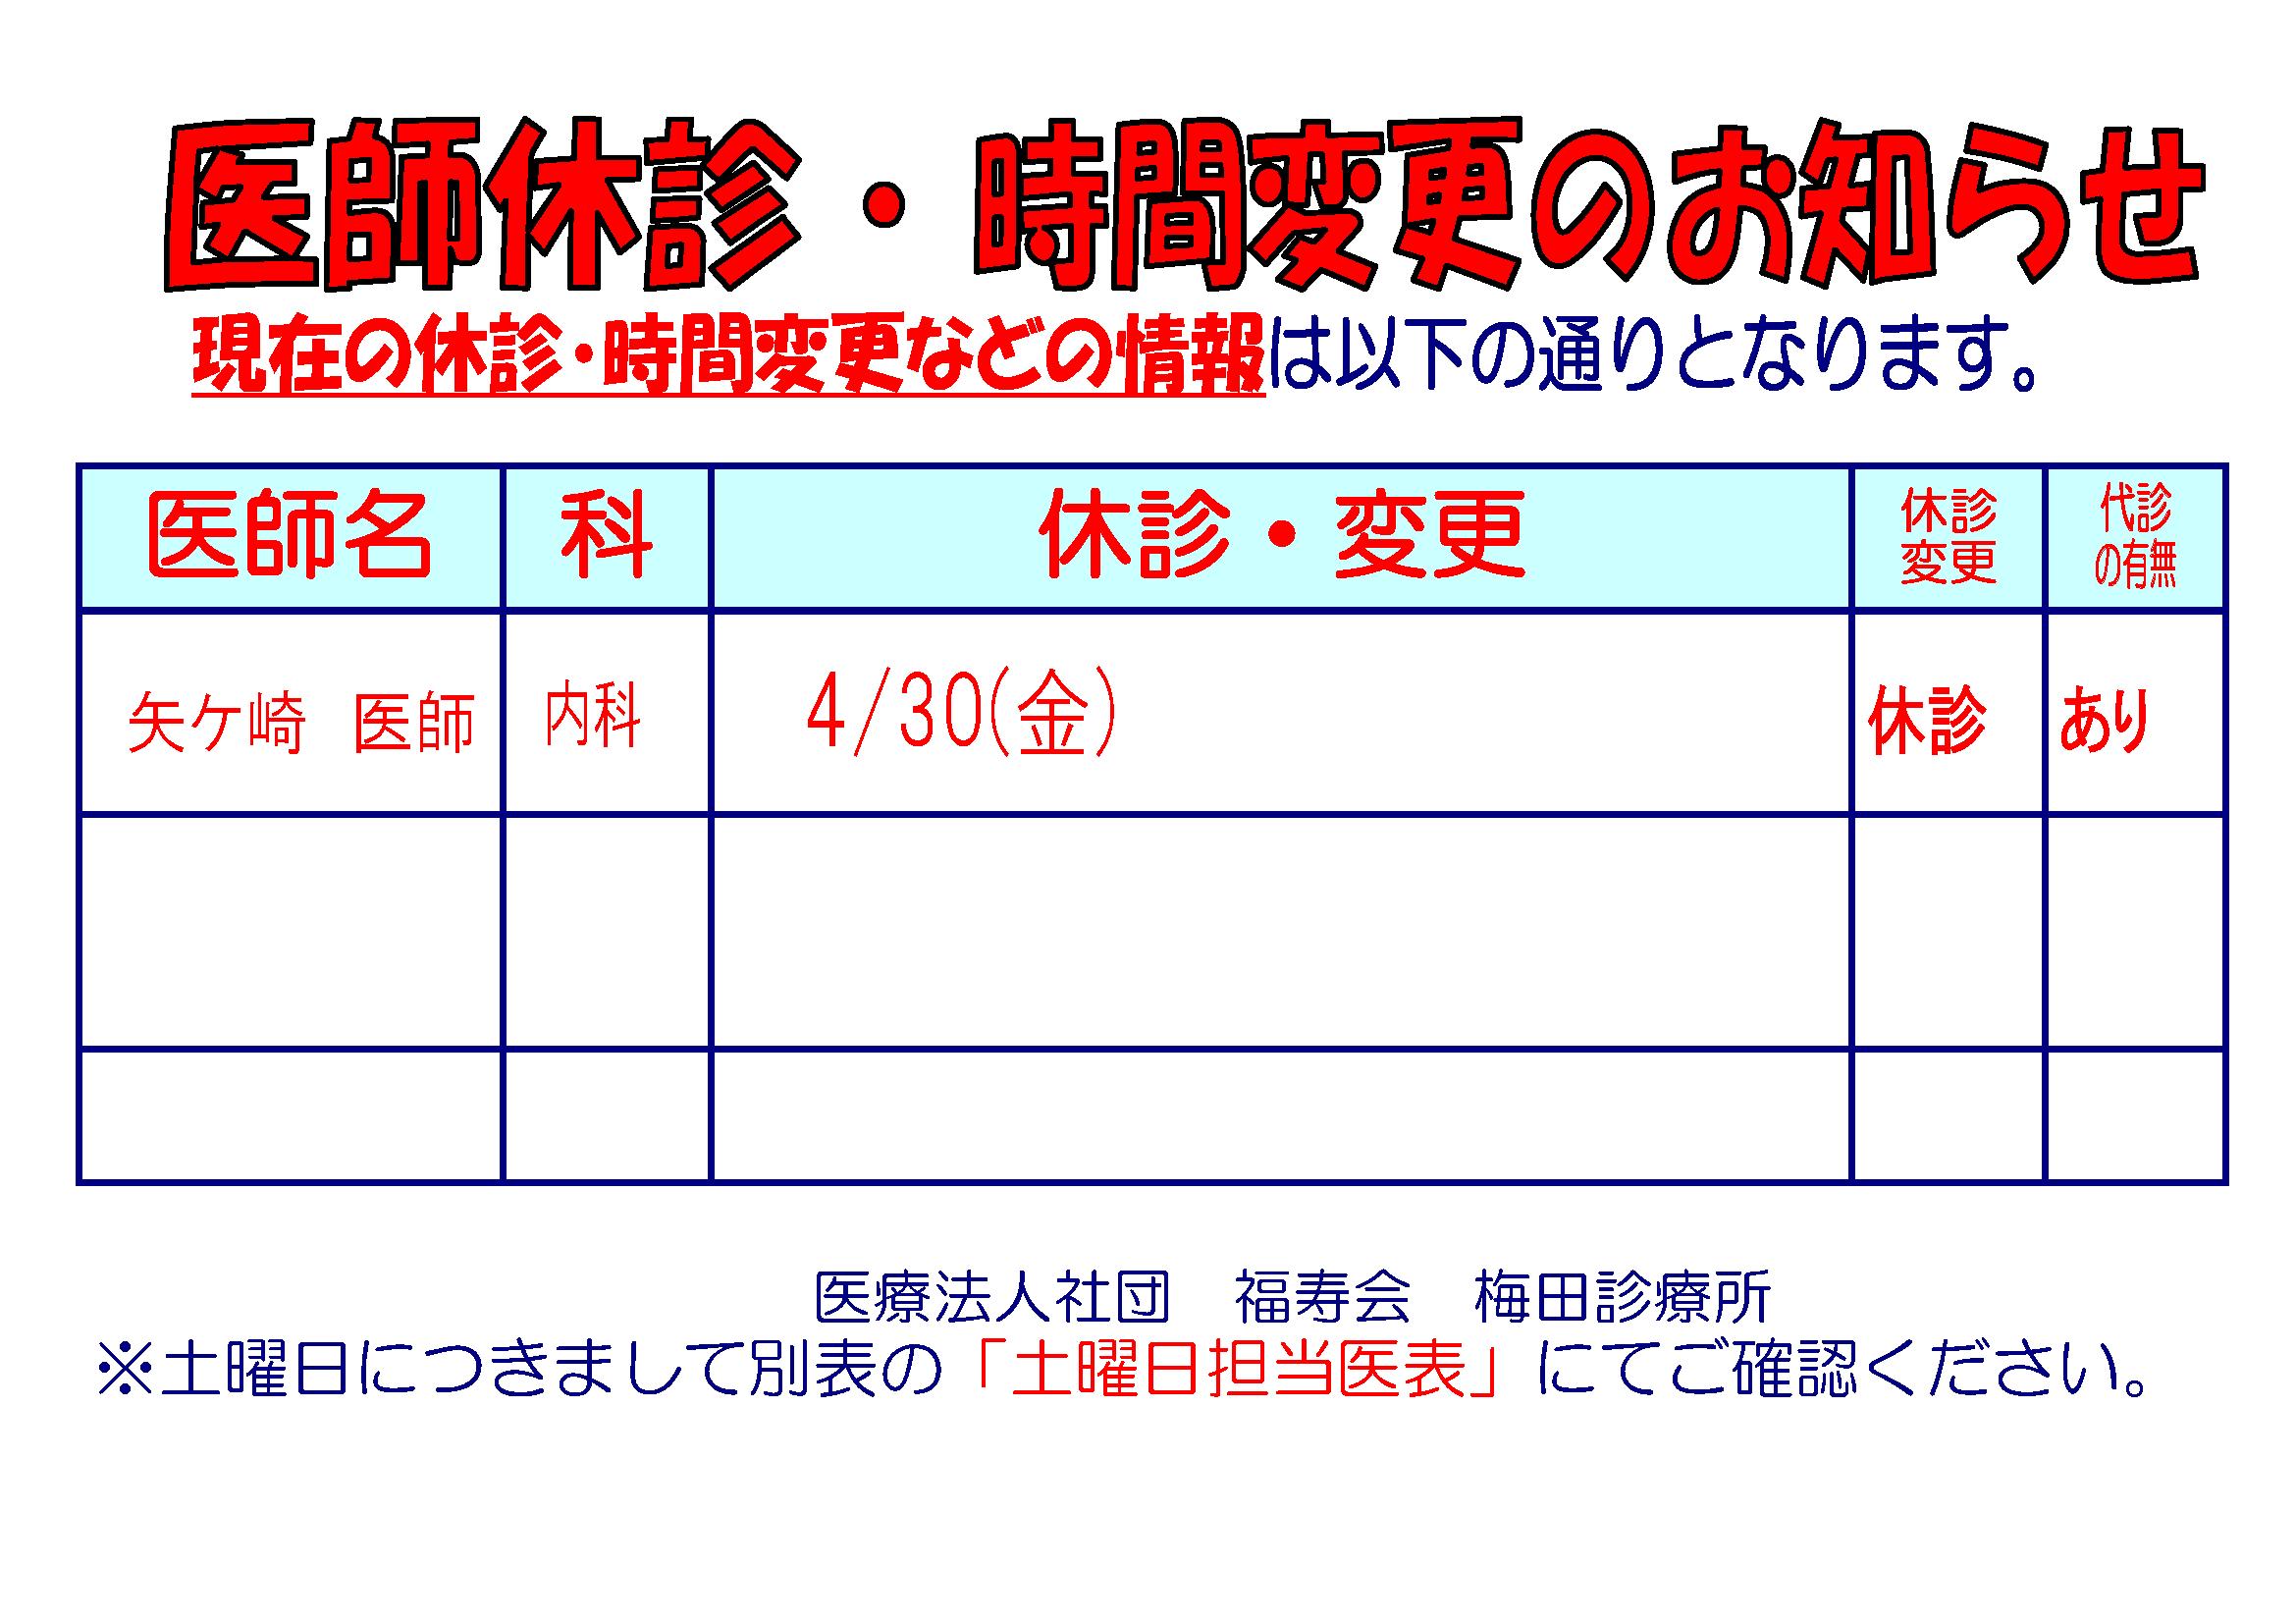 【梅田診療所】医師休診・時間変更のお知らせ